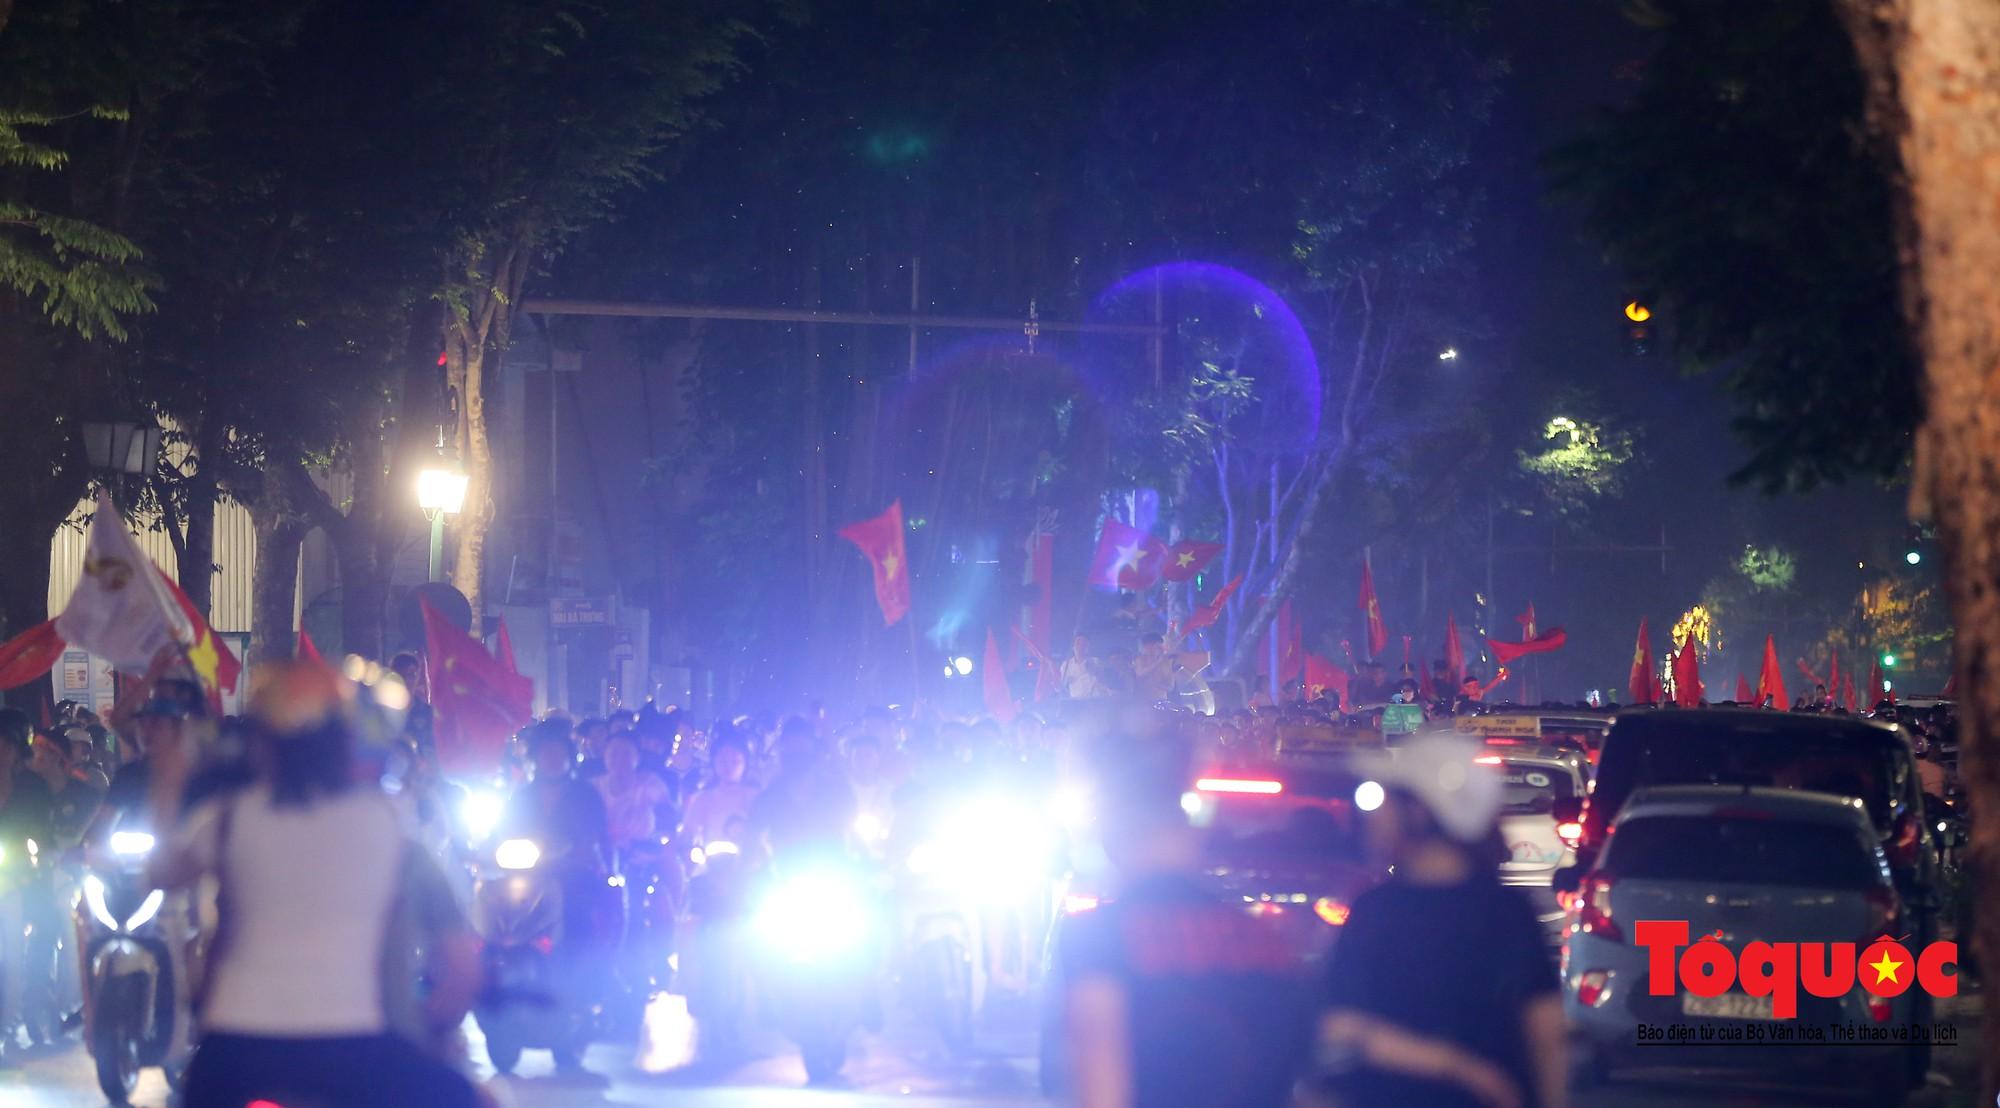 Hàng ngàn CĐV xuống đường mừng chiến thắng của đội tuyển Việt Nam4